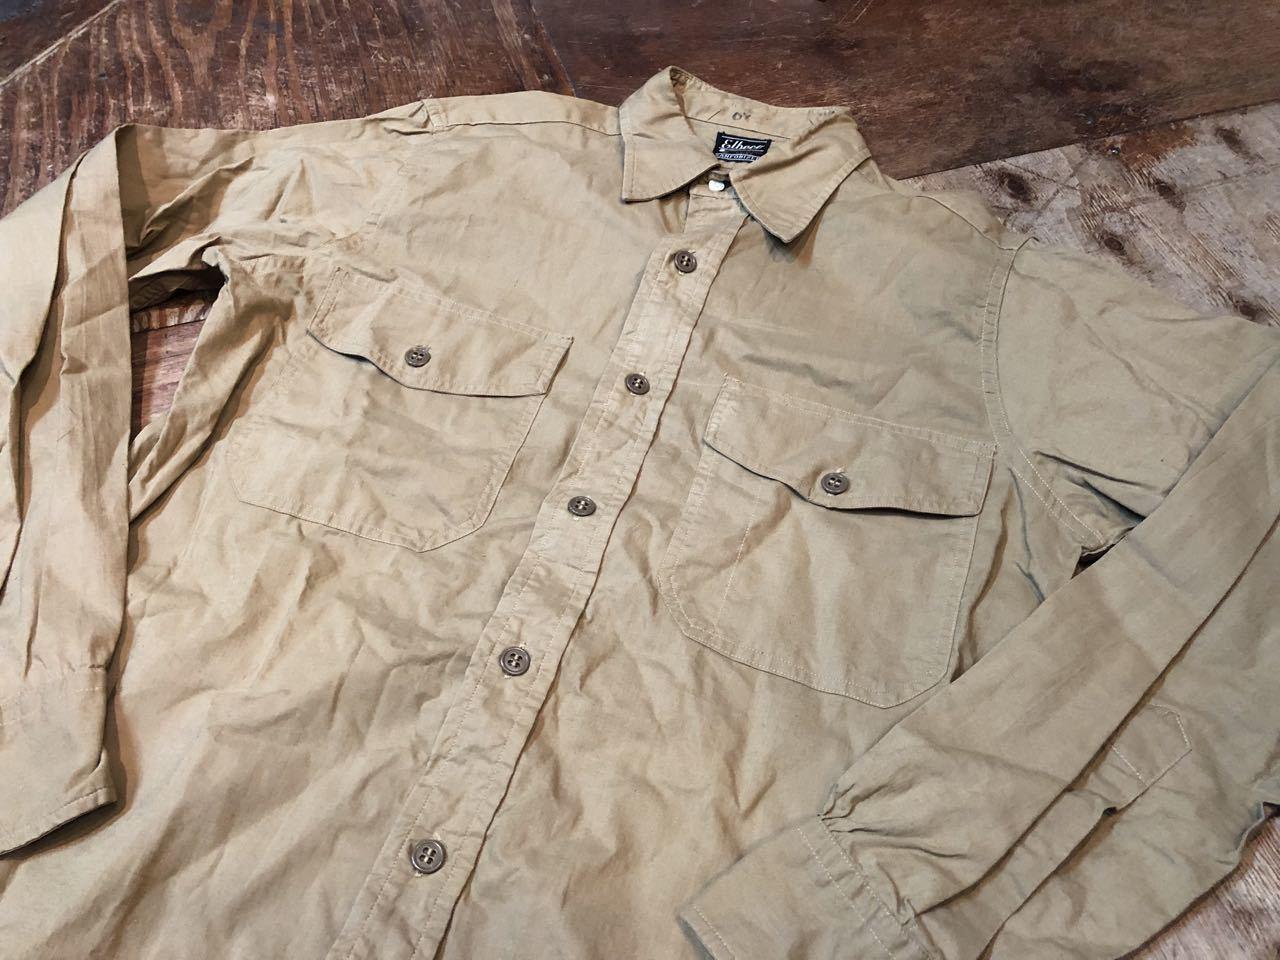 4月20日(土)入荷!50s マチ付き Elbeco  SANFORIZED WORKシャツ!_c0144020_14481506.jpg